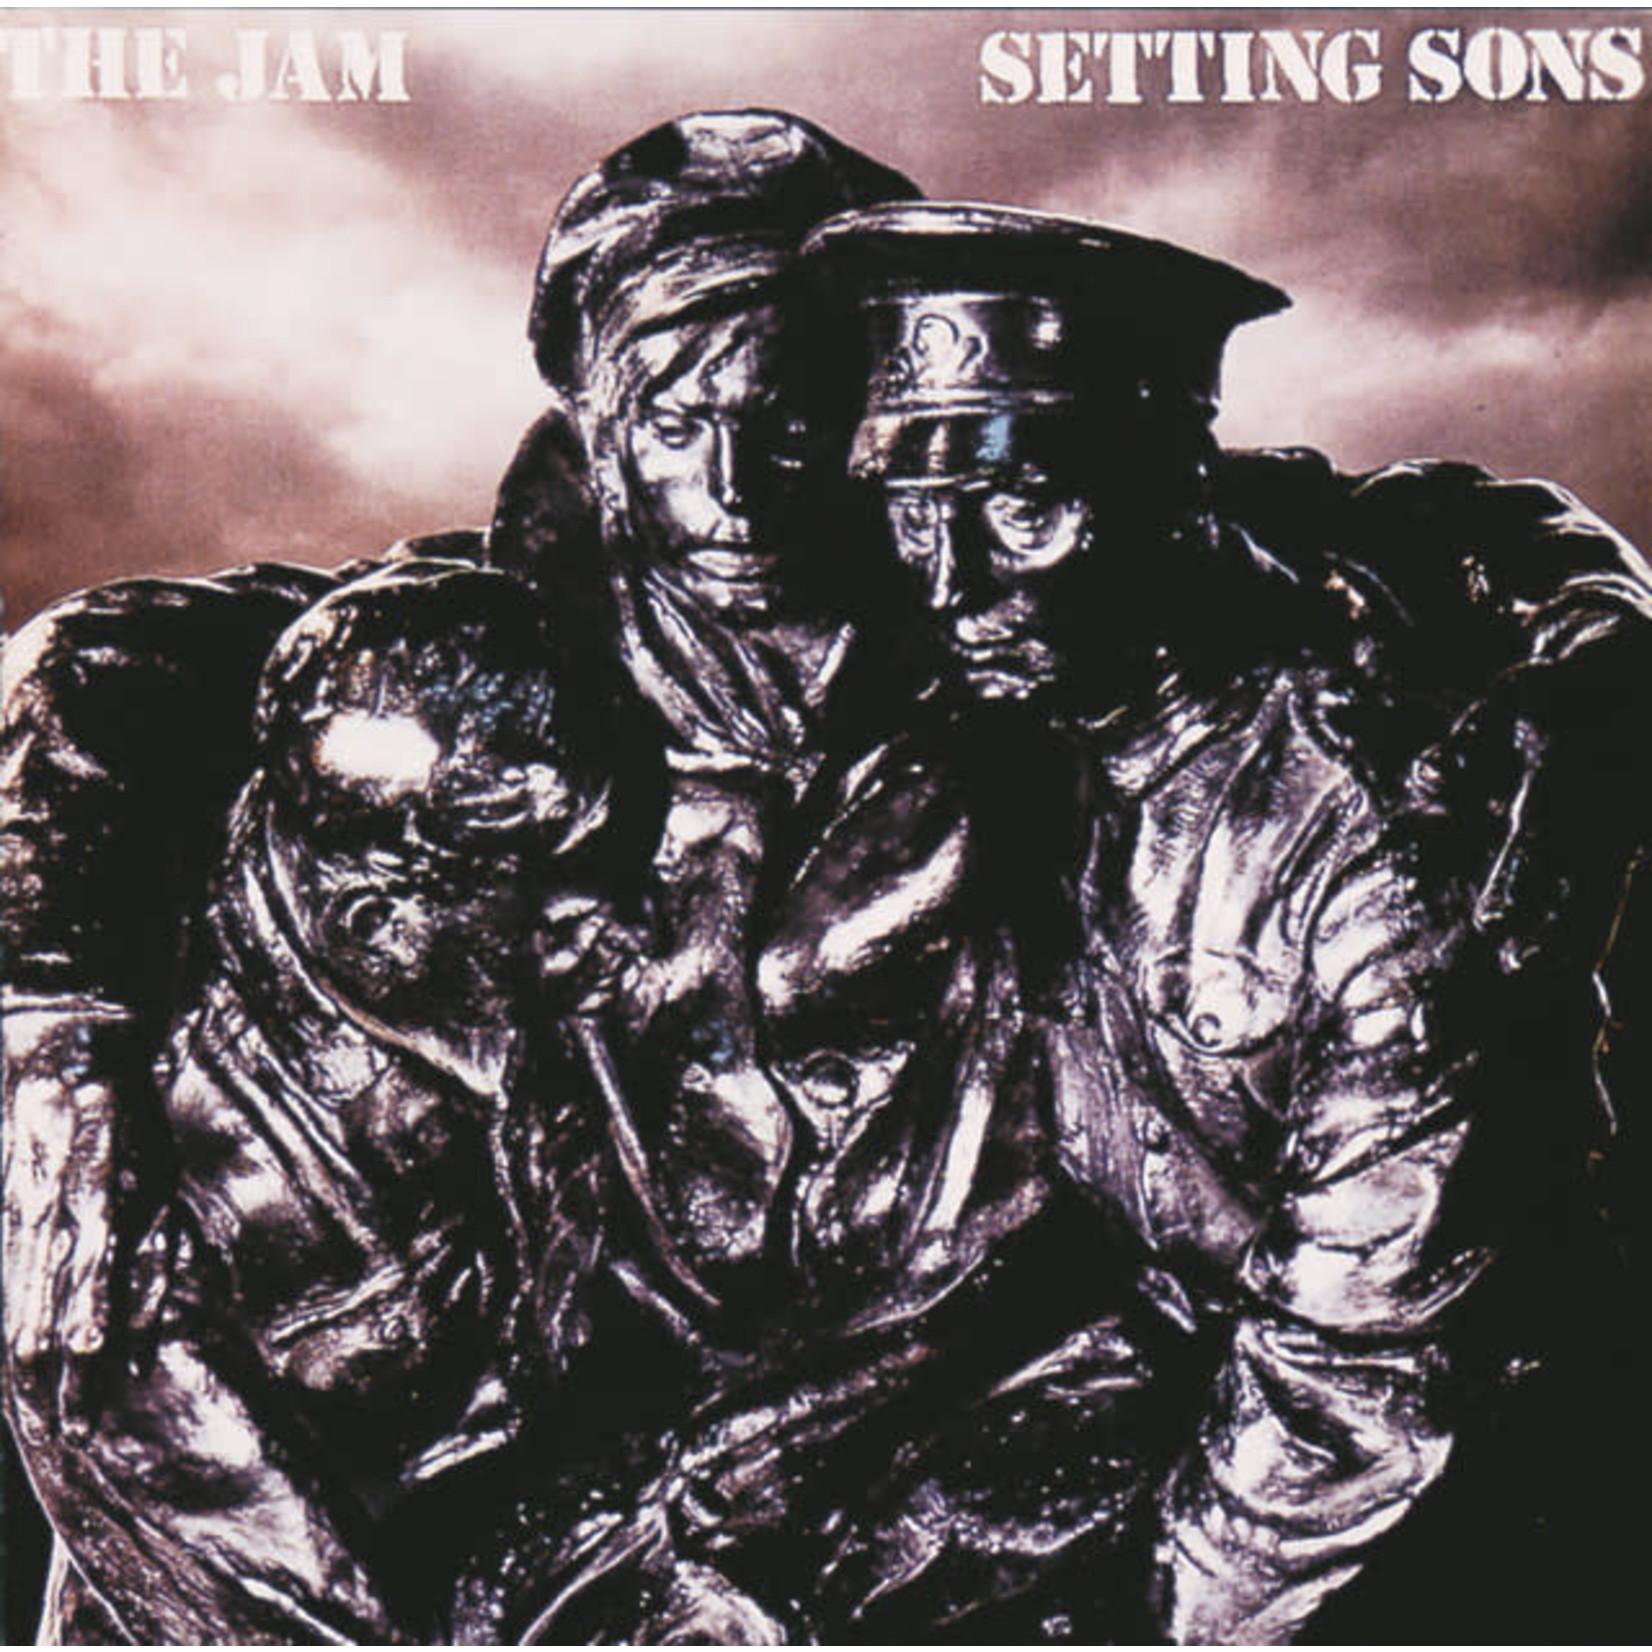 Vinyl The Jam - Setting Sons